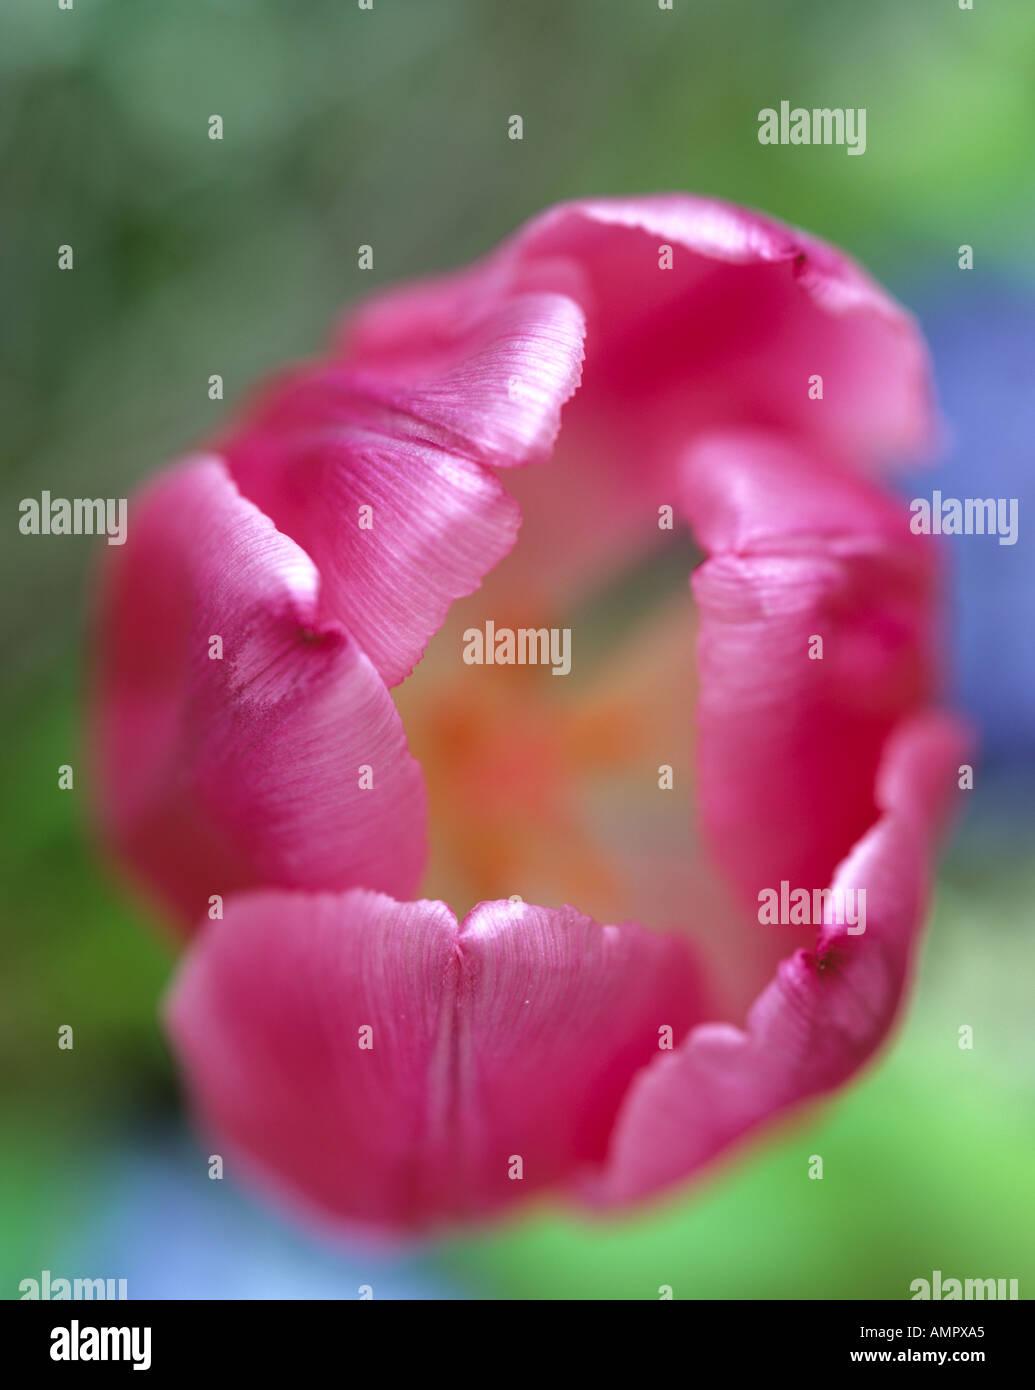 Pink tulip, close-up - Stock Image